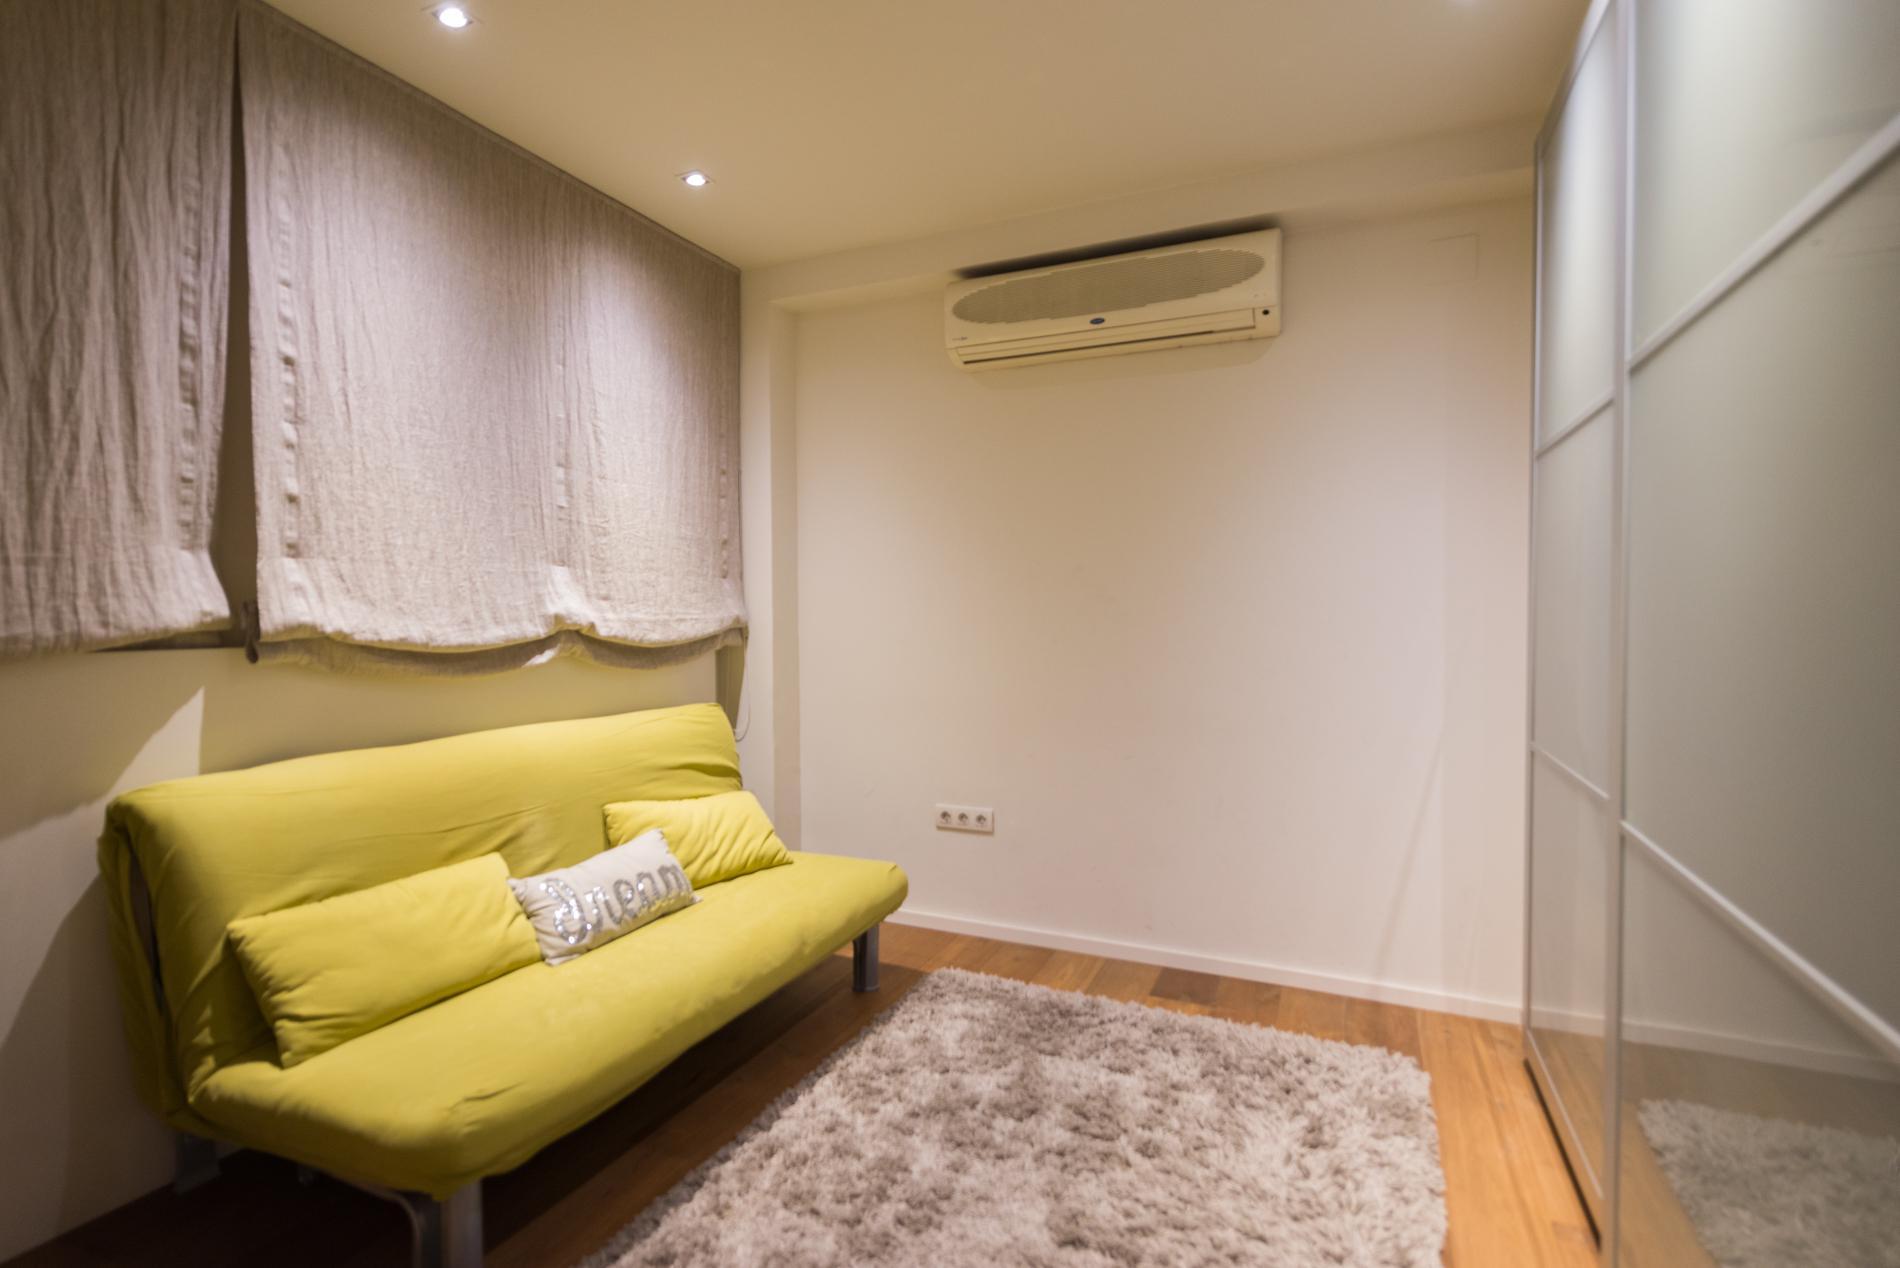 222426 Apartment for sale in Eixample, Dreta Eixample 34